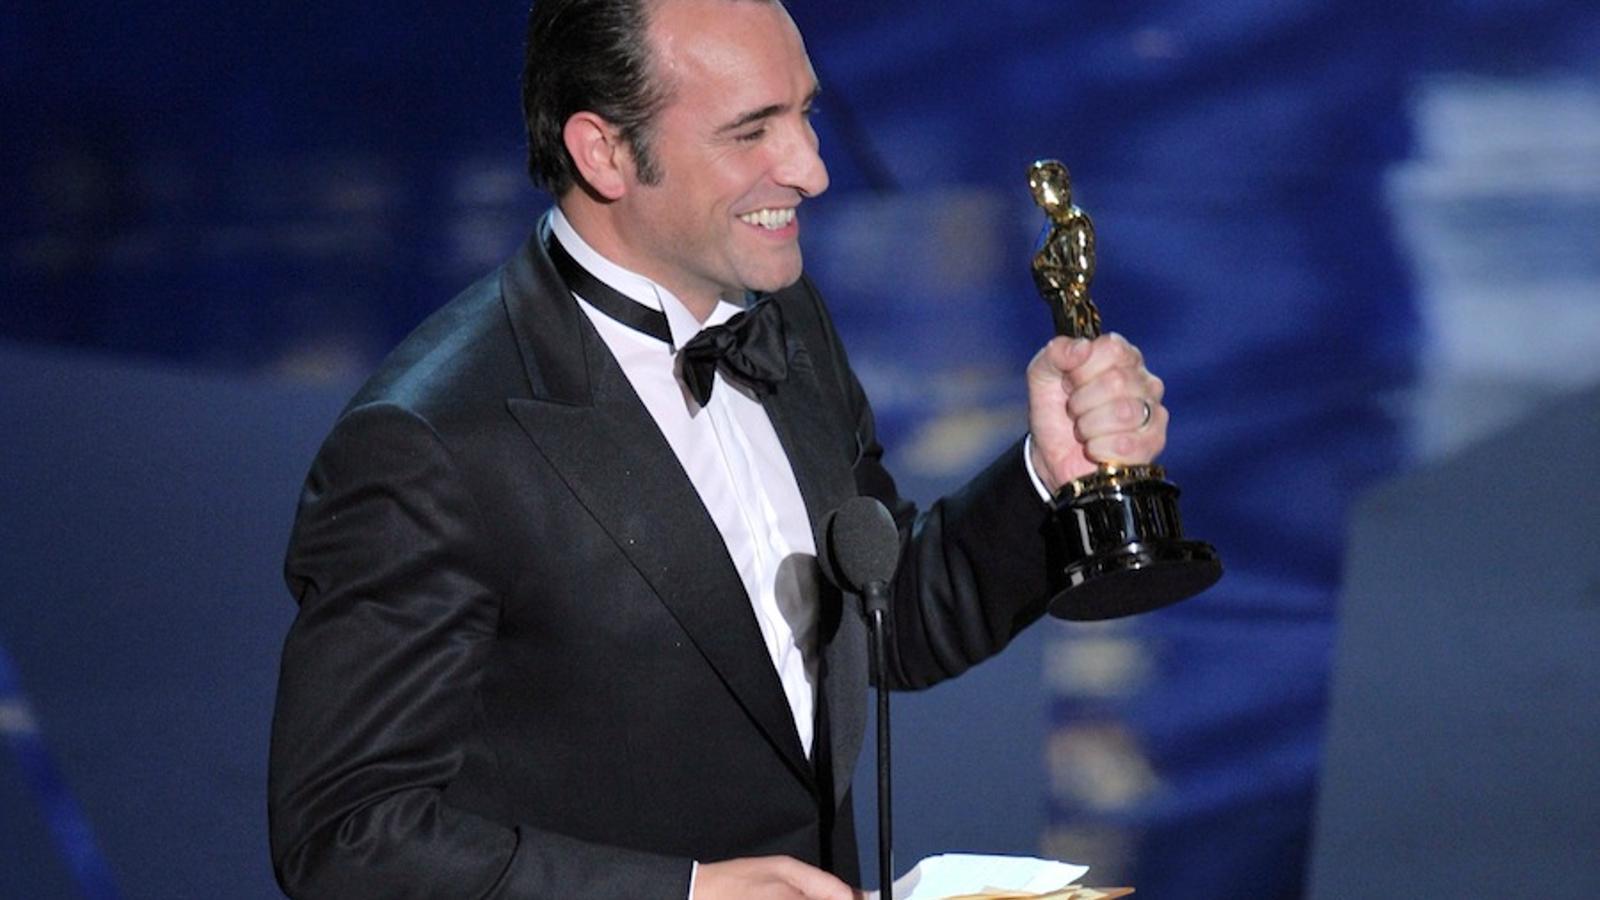 'The Artist' es corona com a gran triomfadora d'uns Oscars en què va tornar a lluir Meryl Streep